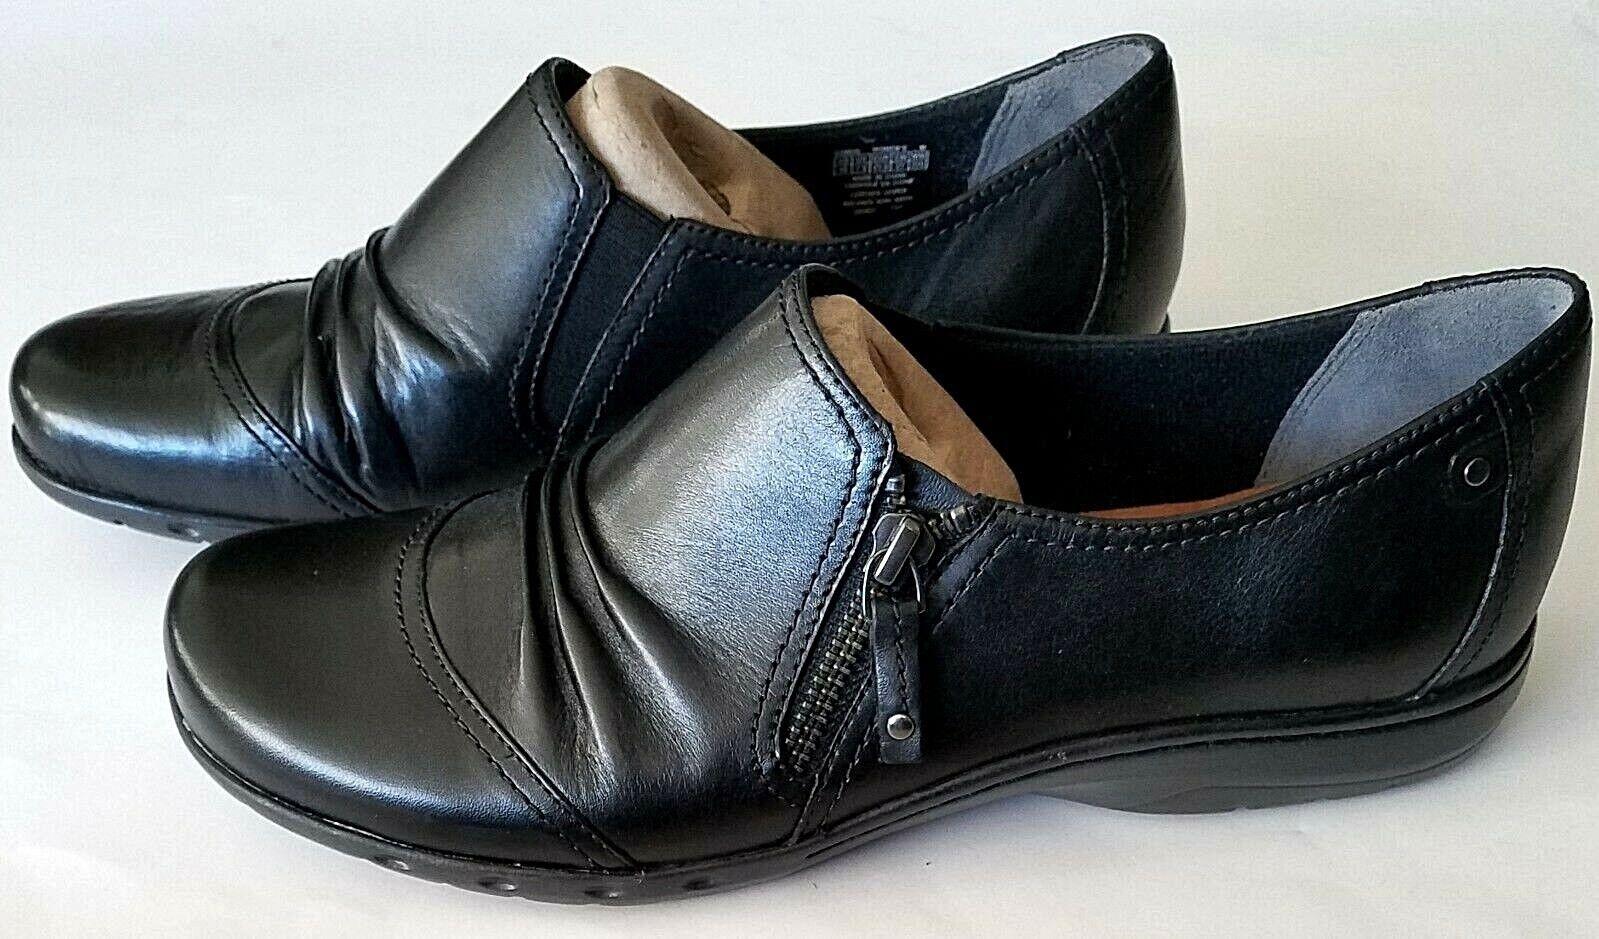 grande sconto Donna  Rockport Cobb Hill Penfield Zip nero nero nero Leather scarpe Dimensione 10  a buon mercato